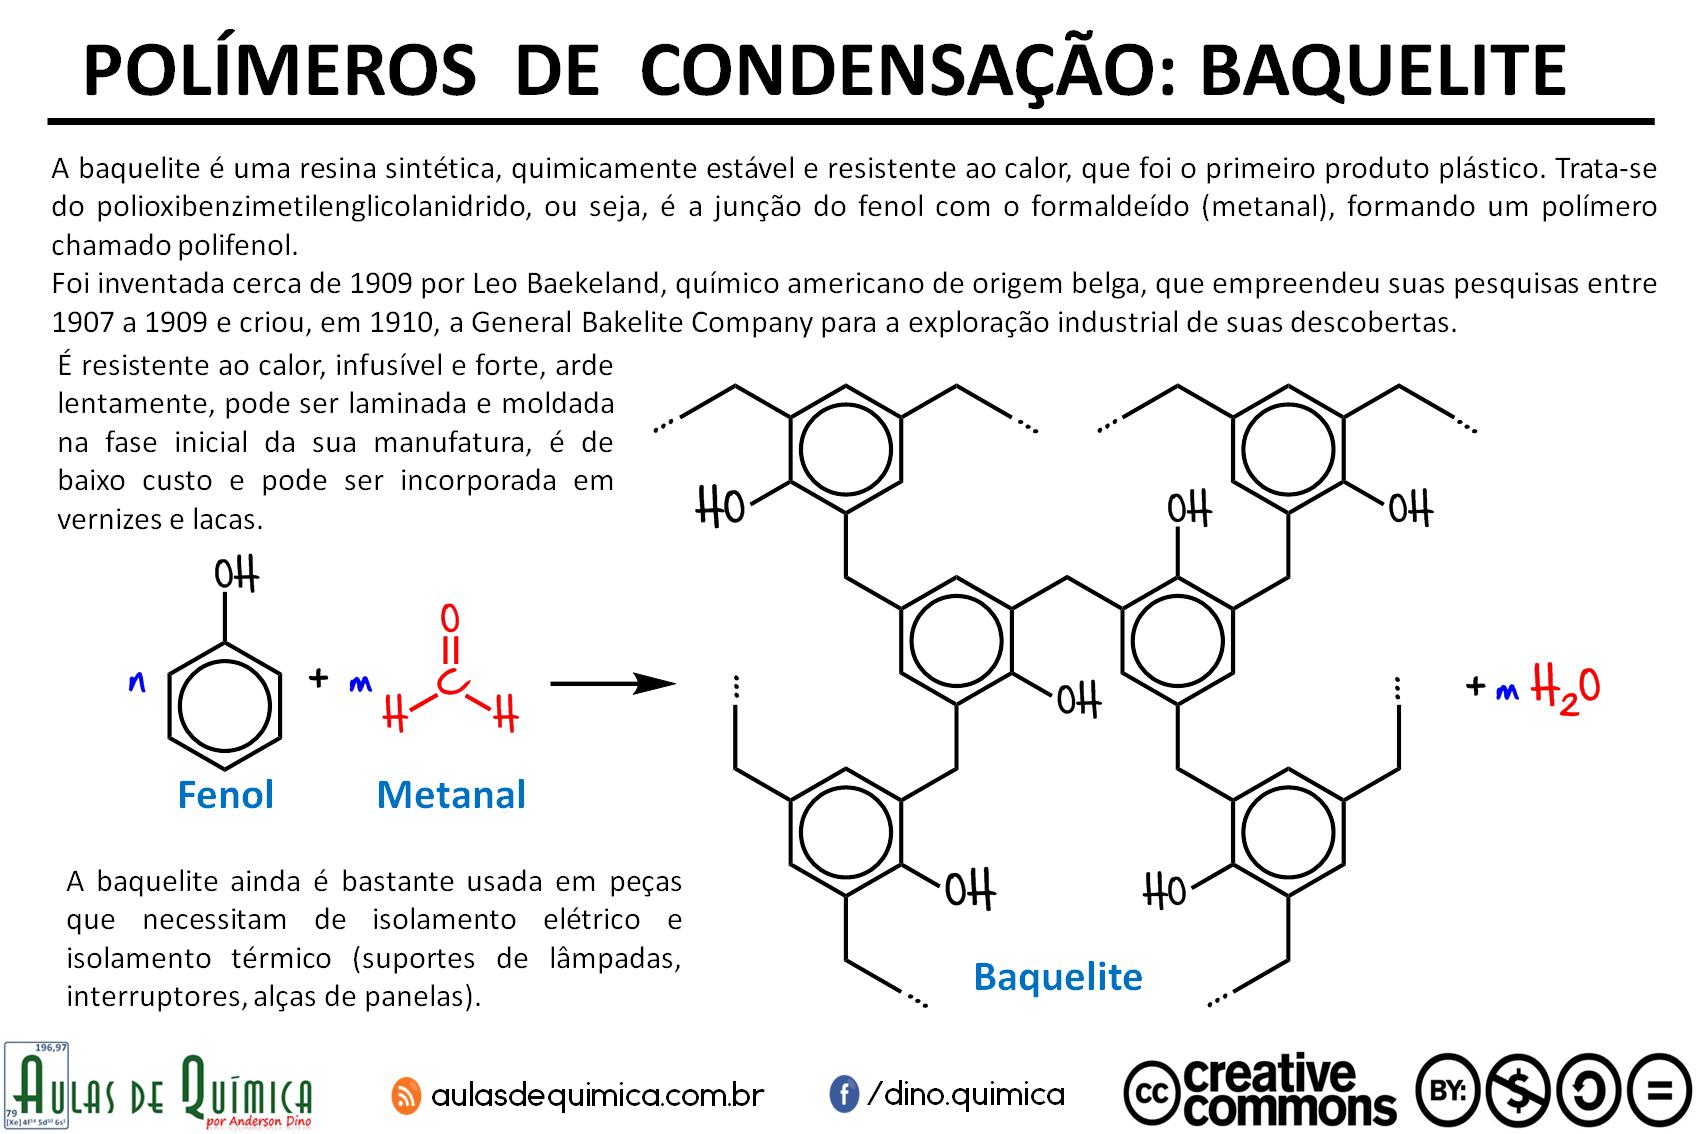 Infográfico sobre a Baquelite - criado por Anderson Dino para o site Aulas de Química - www.aulasdequimica.com.br